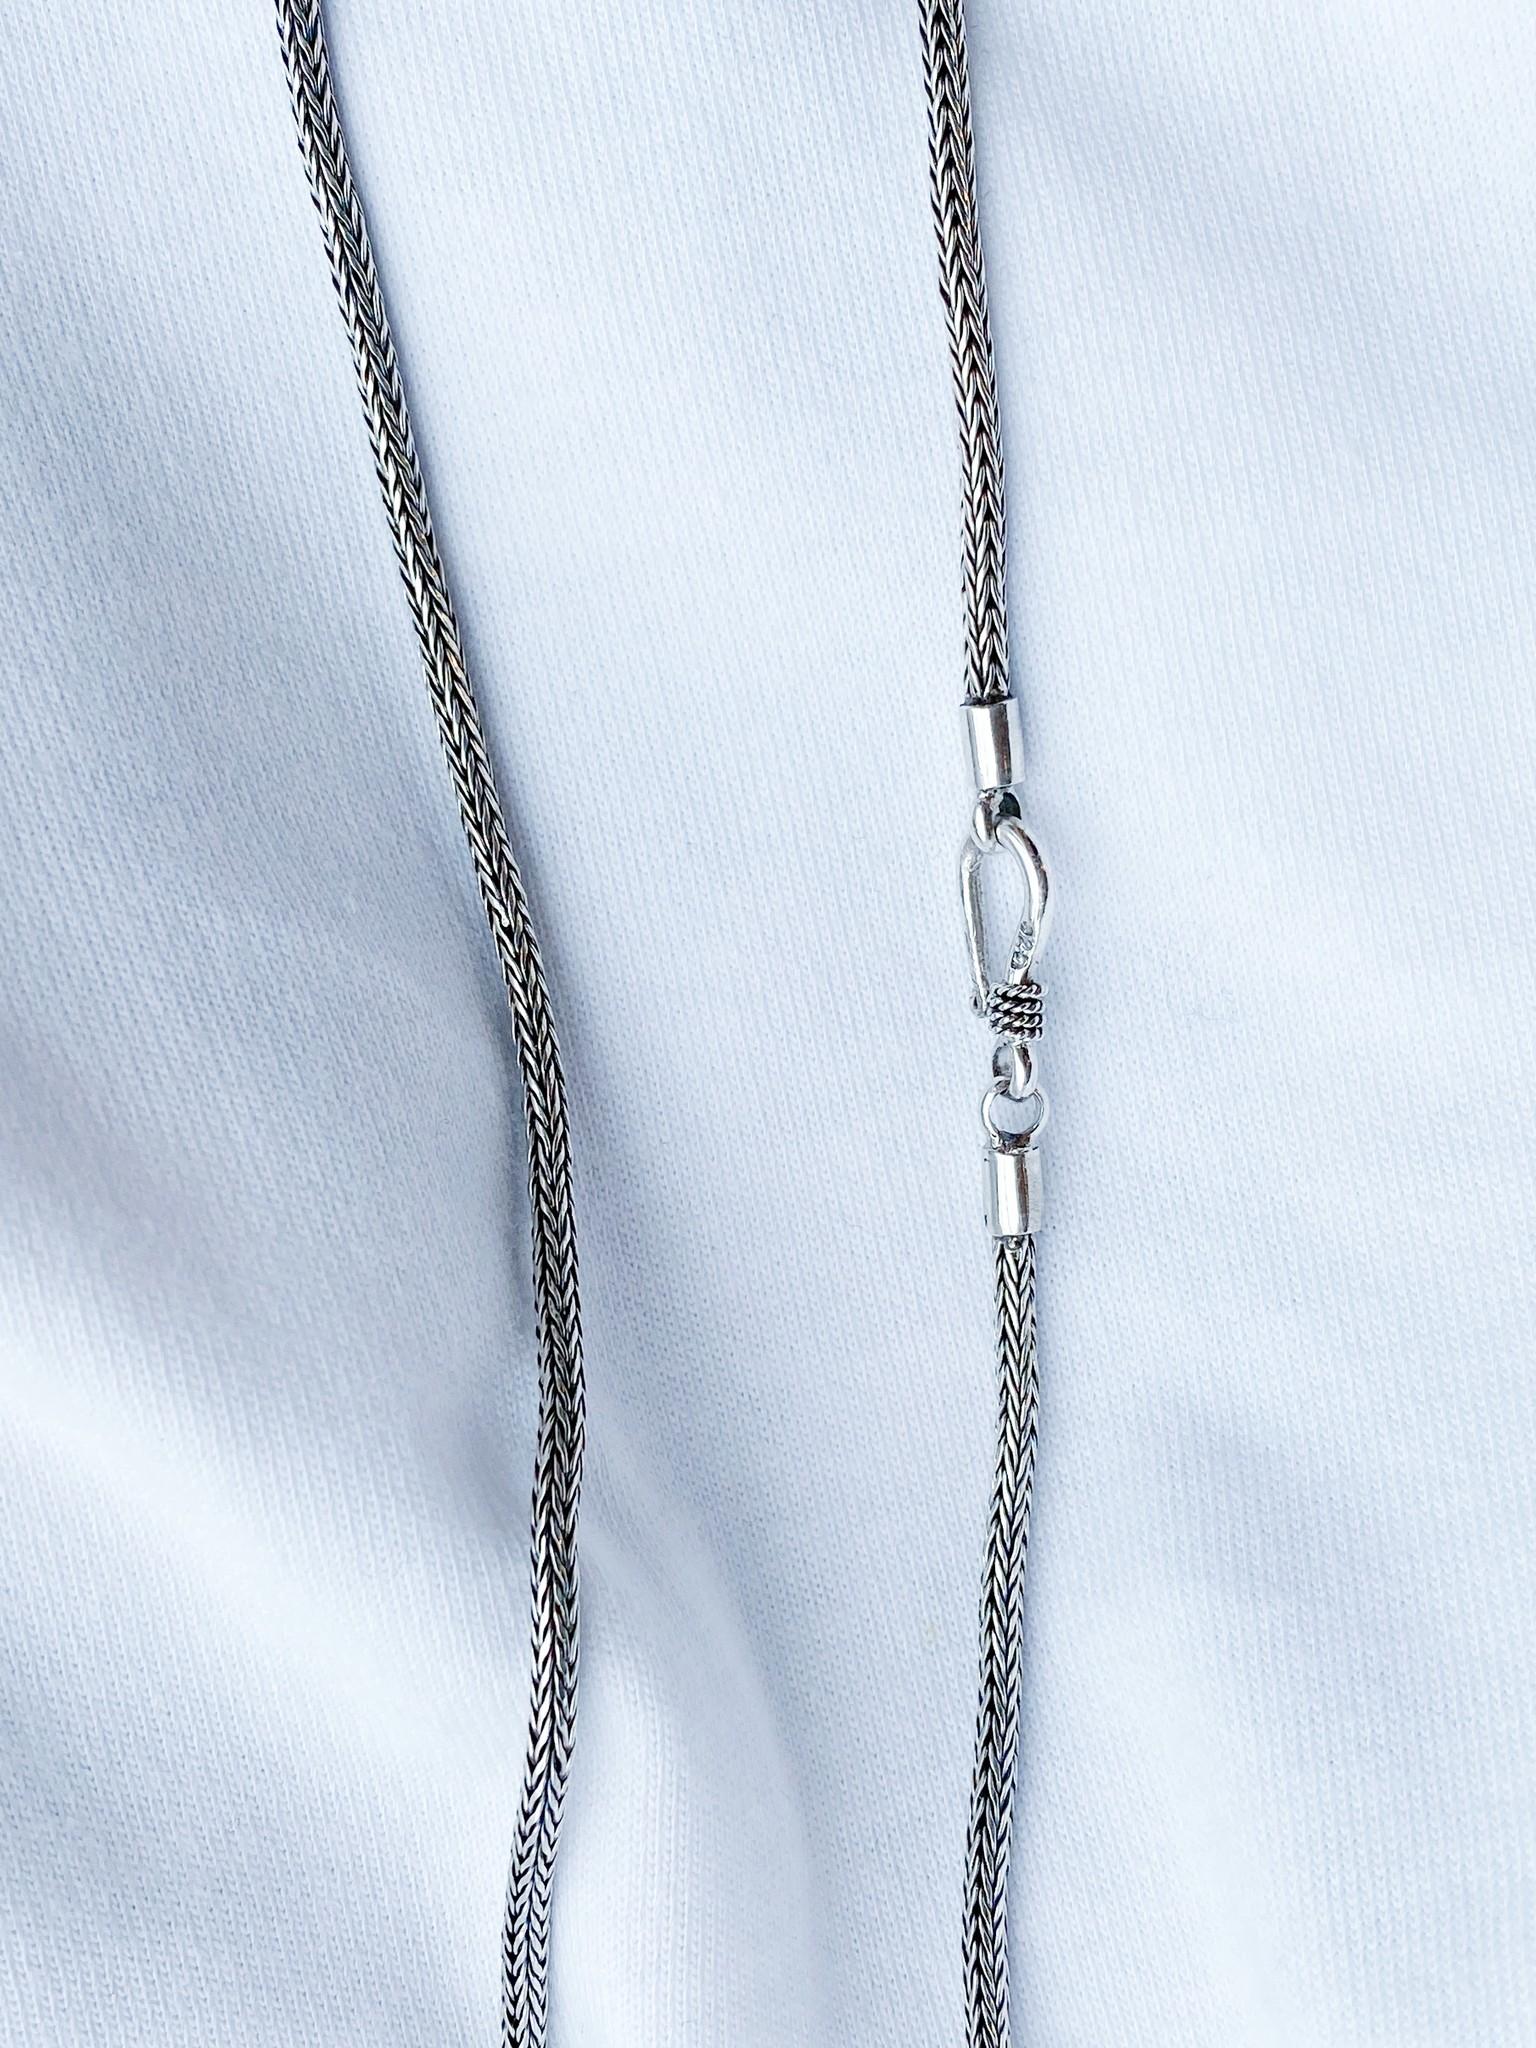 Necklace 6 (75cm)-1